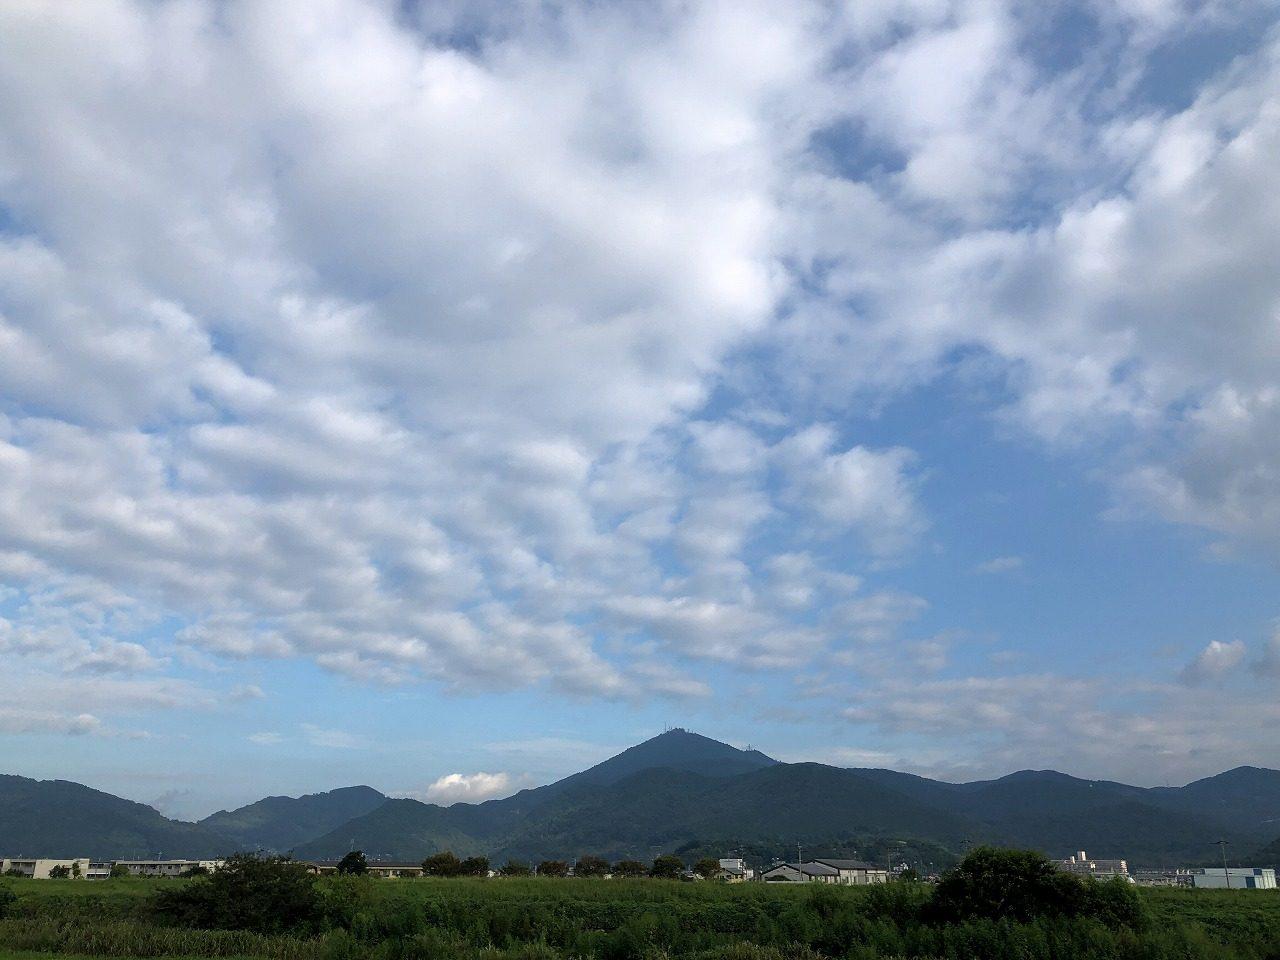 2019.9.11今朝の金峰山です。